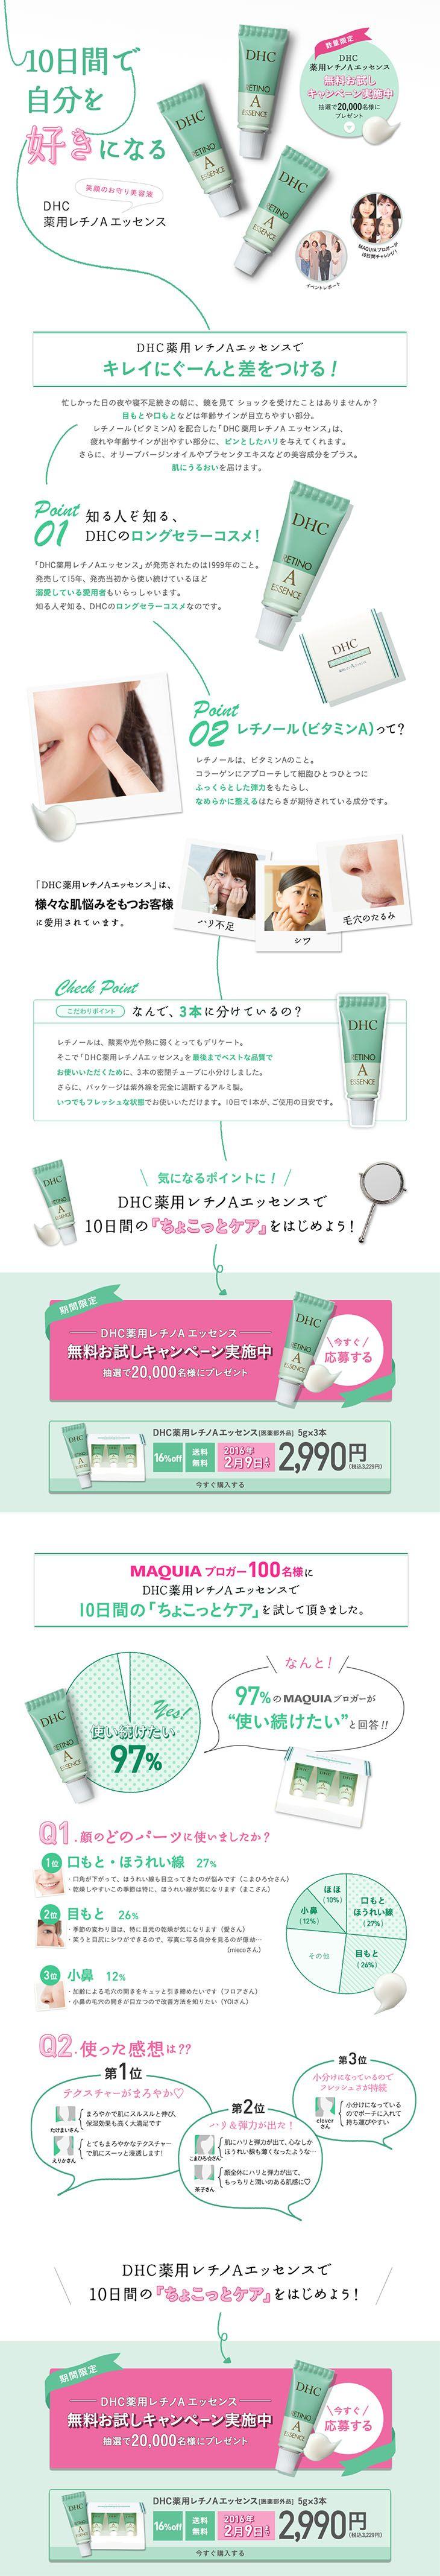 ランディングページ LP 薬用レチノAエッセンス|スキンケア・美容商品|自社サイト